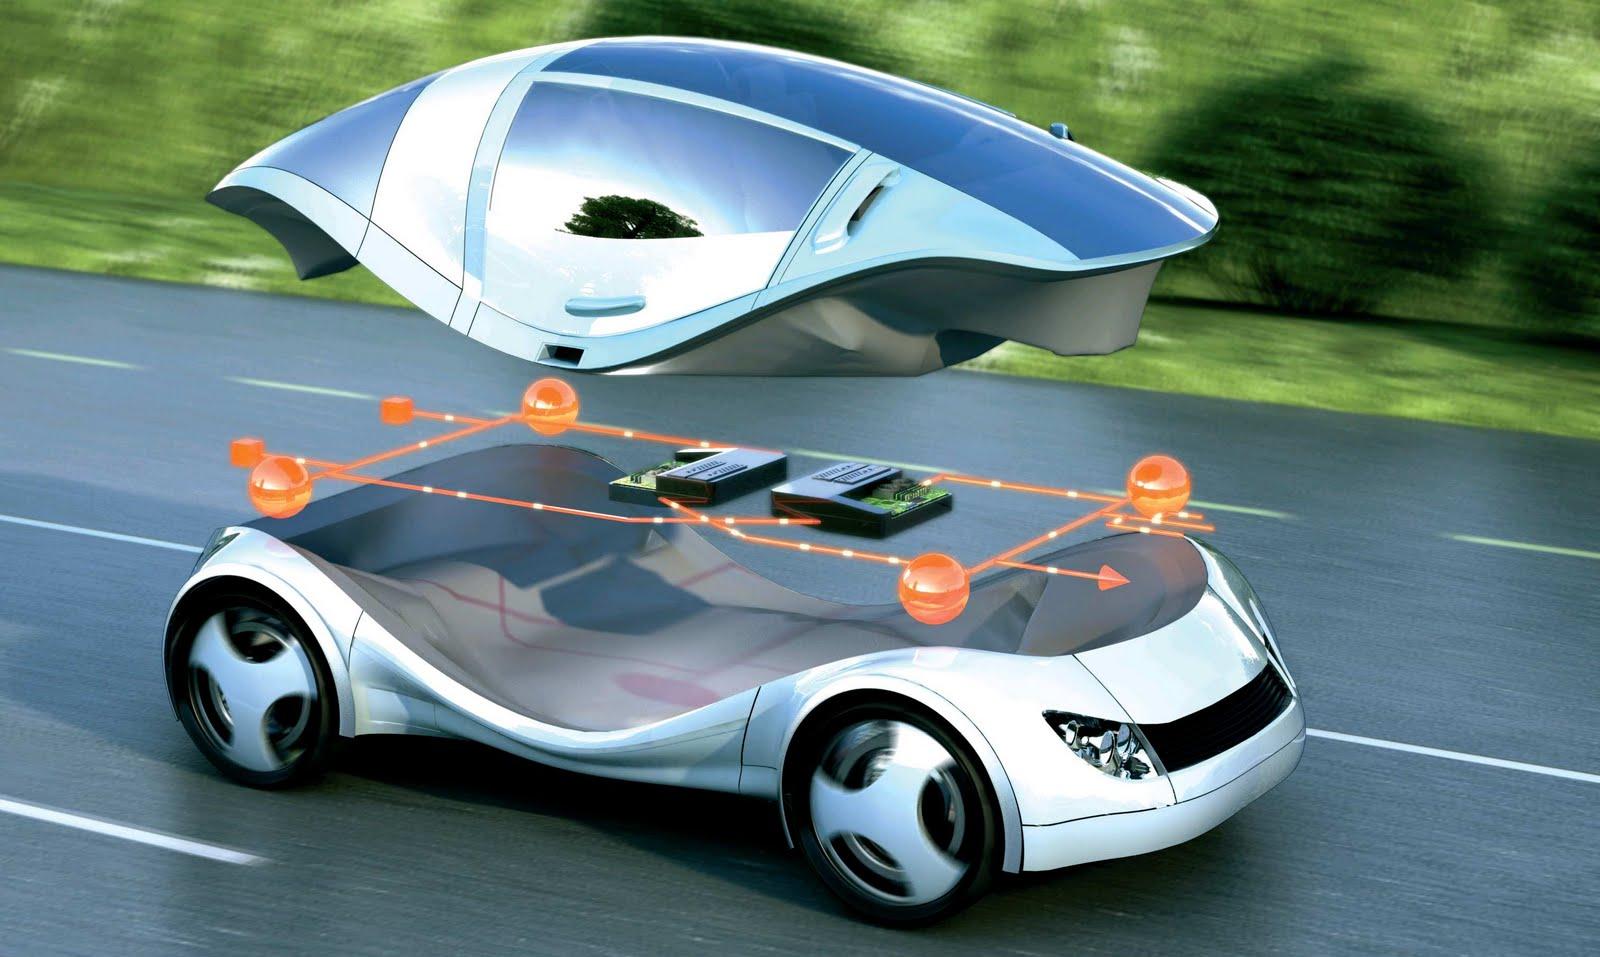 voiture du futur l architecture lectronique sera le moteur du changement pour les v hicules. Black Bedroom Furniture Sets. Home Design Ideas